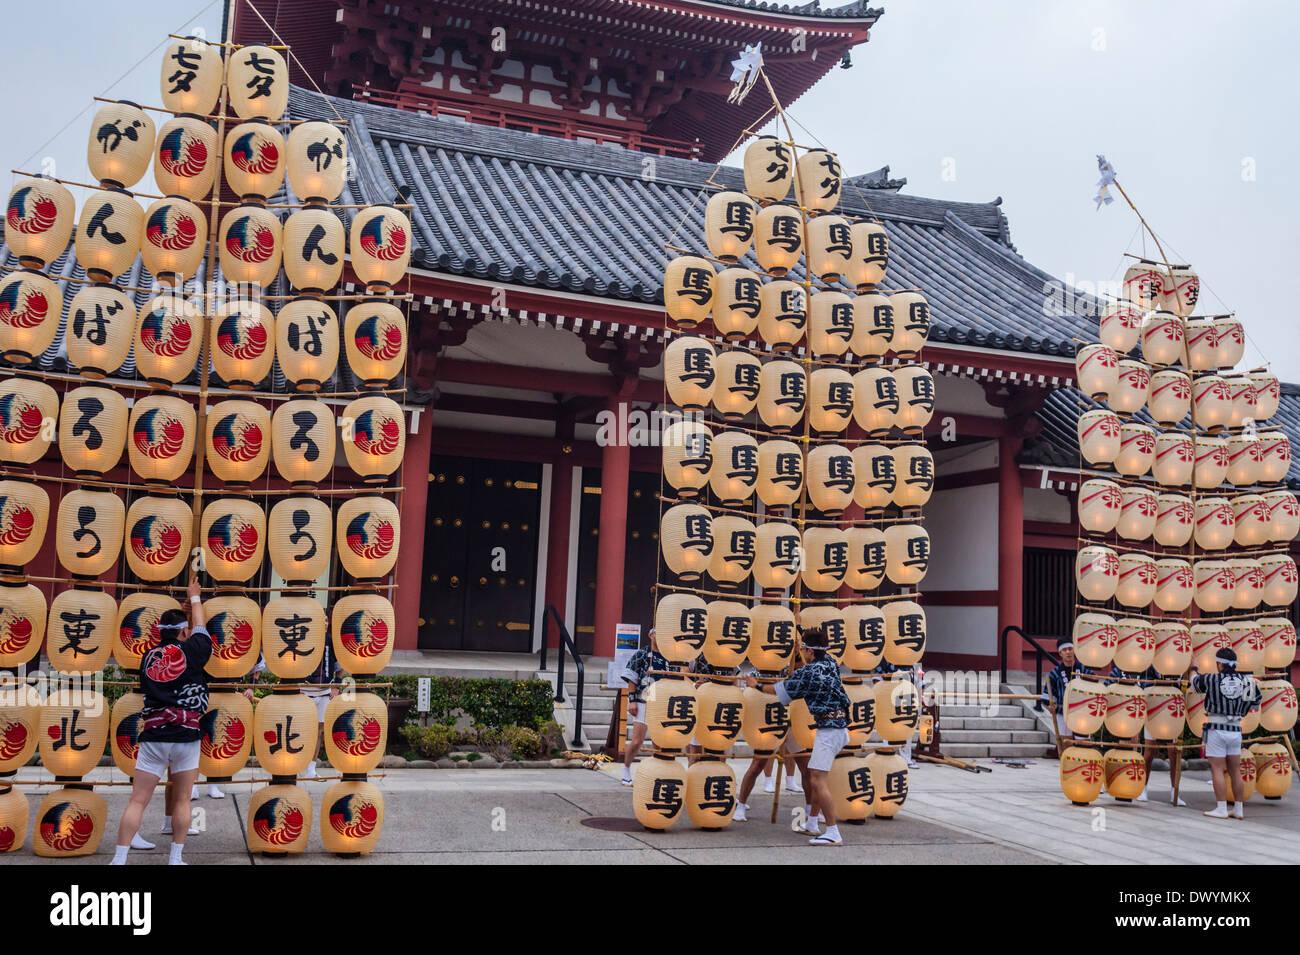 Kanto Festival in Asakusa, Tokyo, Japan - Stock Image